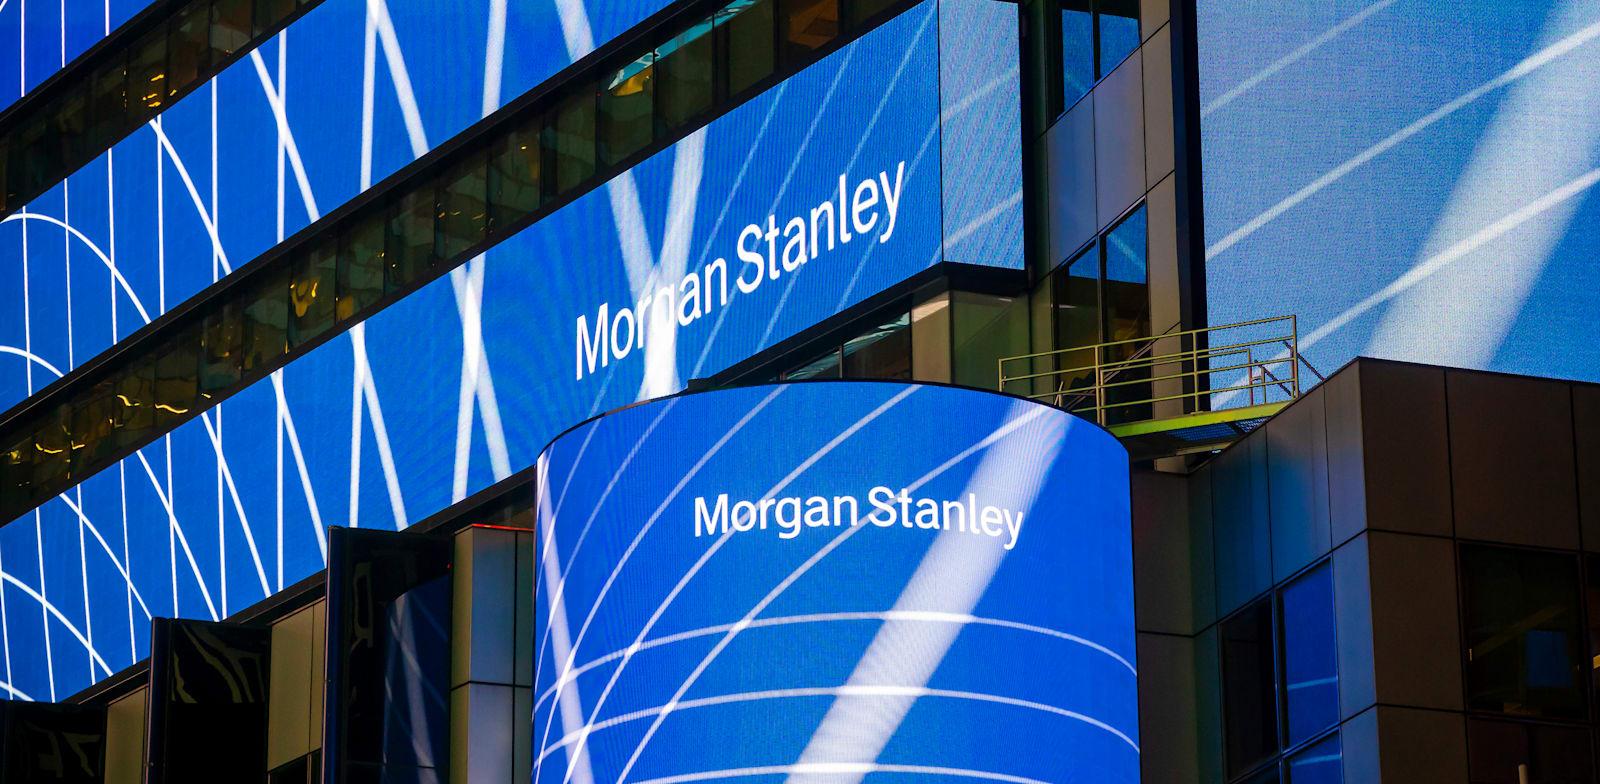 מורגן סטנלי, ניו יורק / צילום: Shutterstock